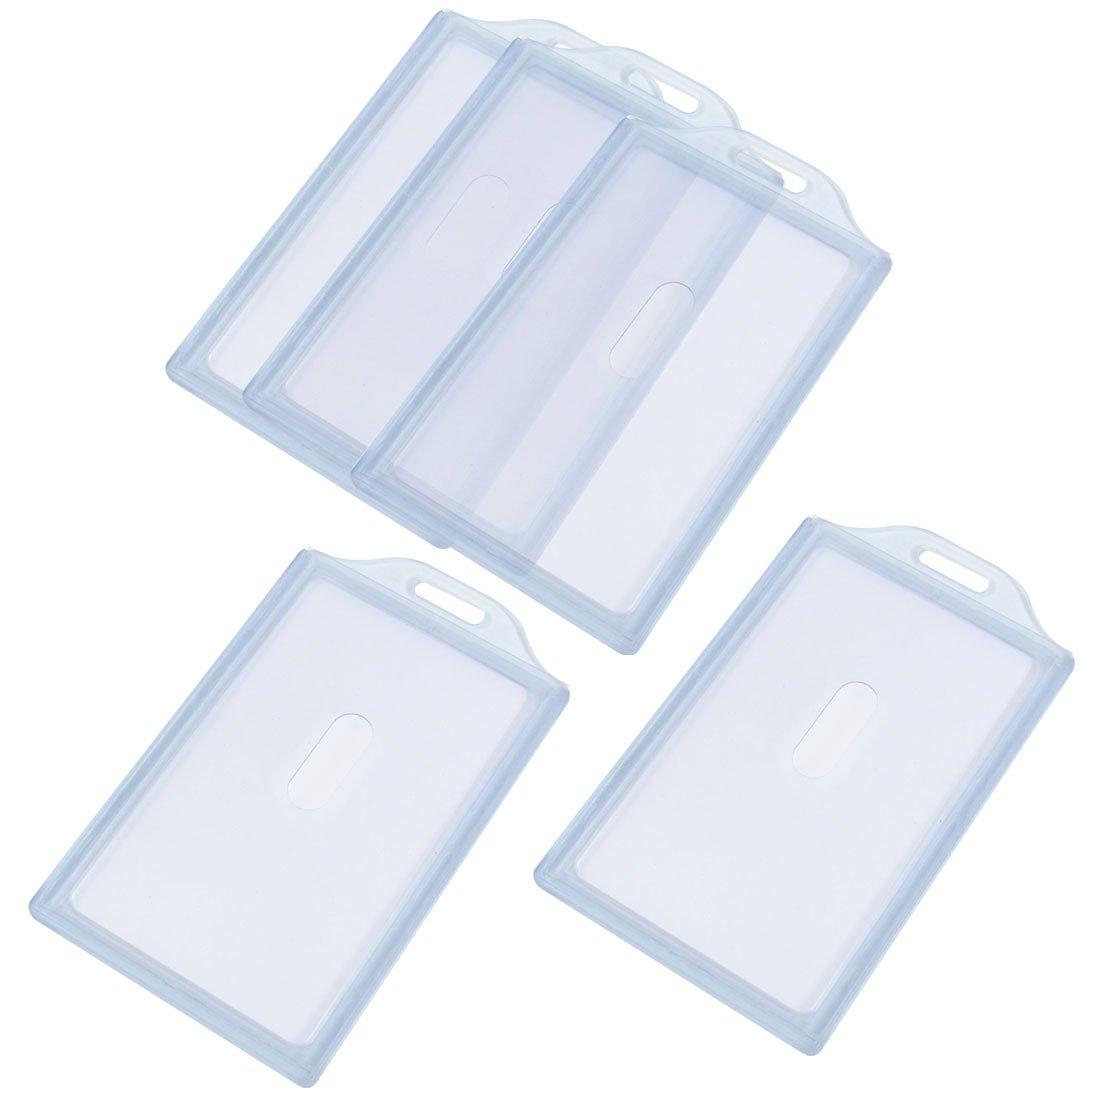 ufficio lavoratori grigio plastica trasparente porta badge verticale carta 5pezzi SourcingMap a13030500ux0244